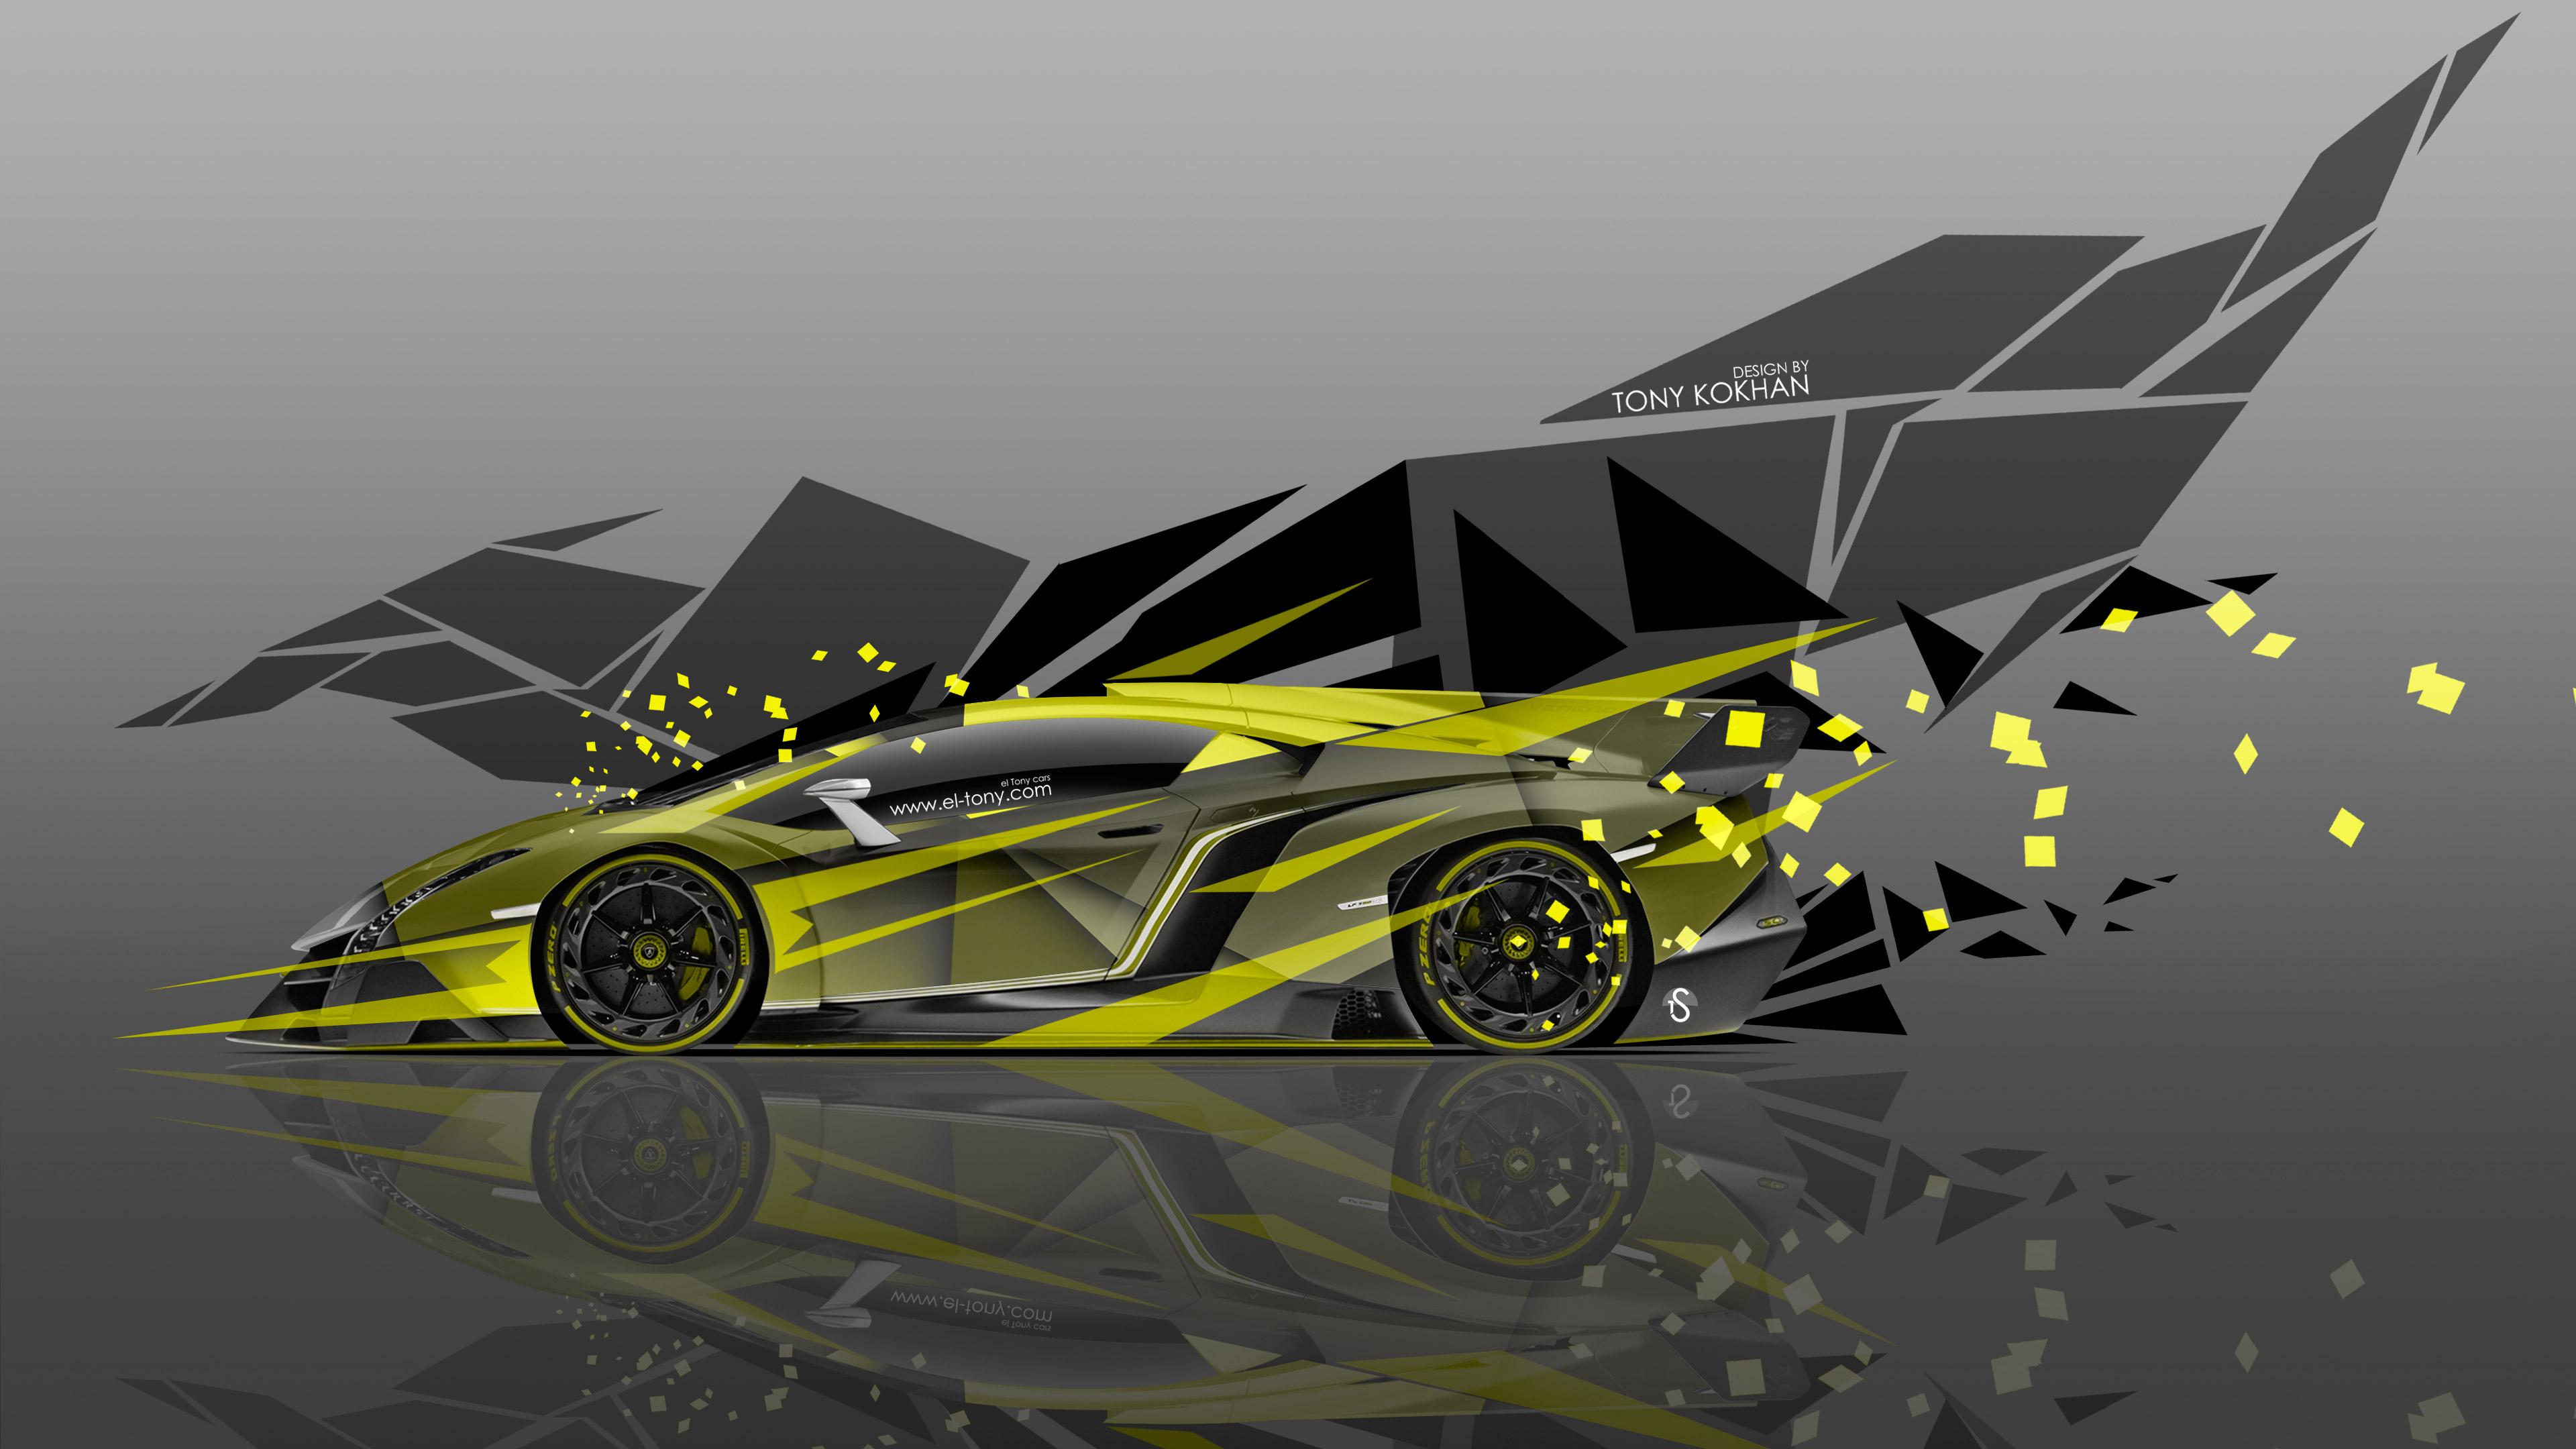 4K Lamborghini Veneno Side Super Abstract Car 2015 El Tony 3840x2160